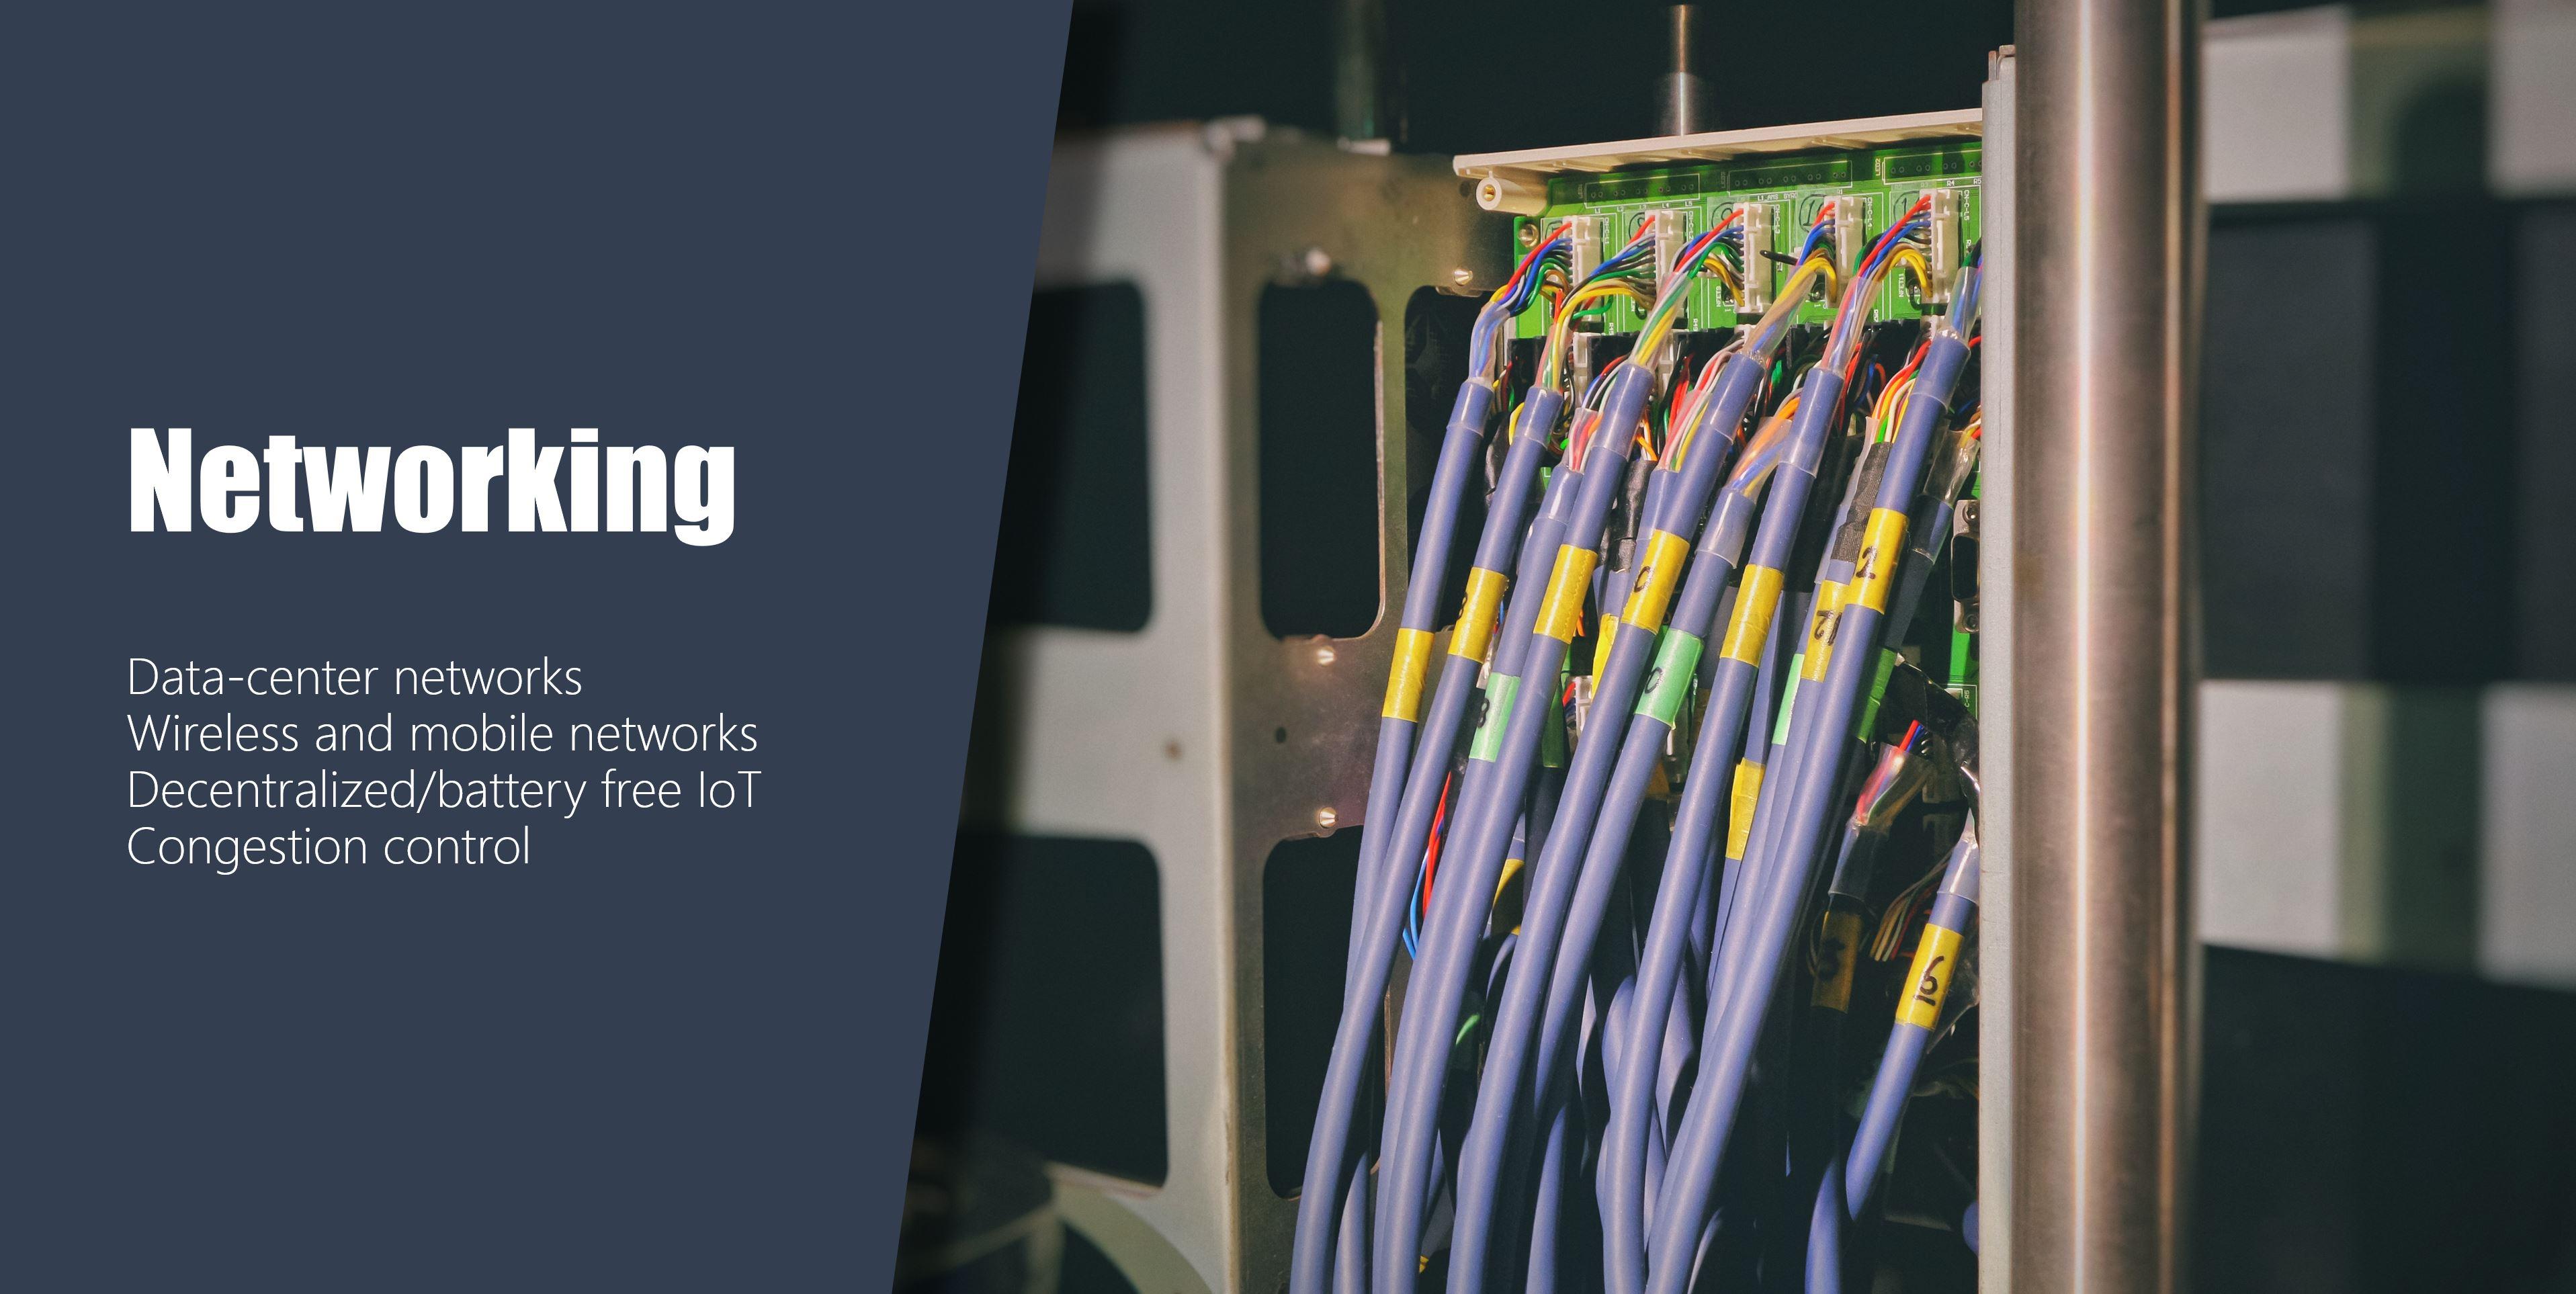 mainpage_networking